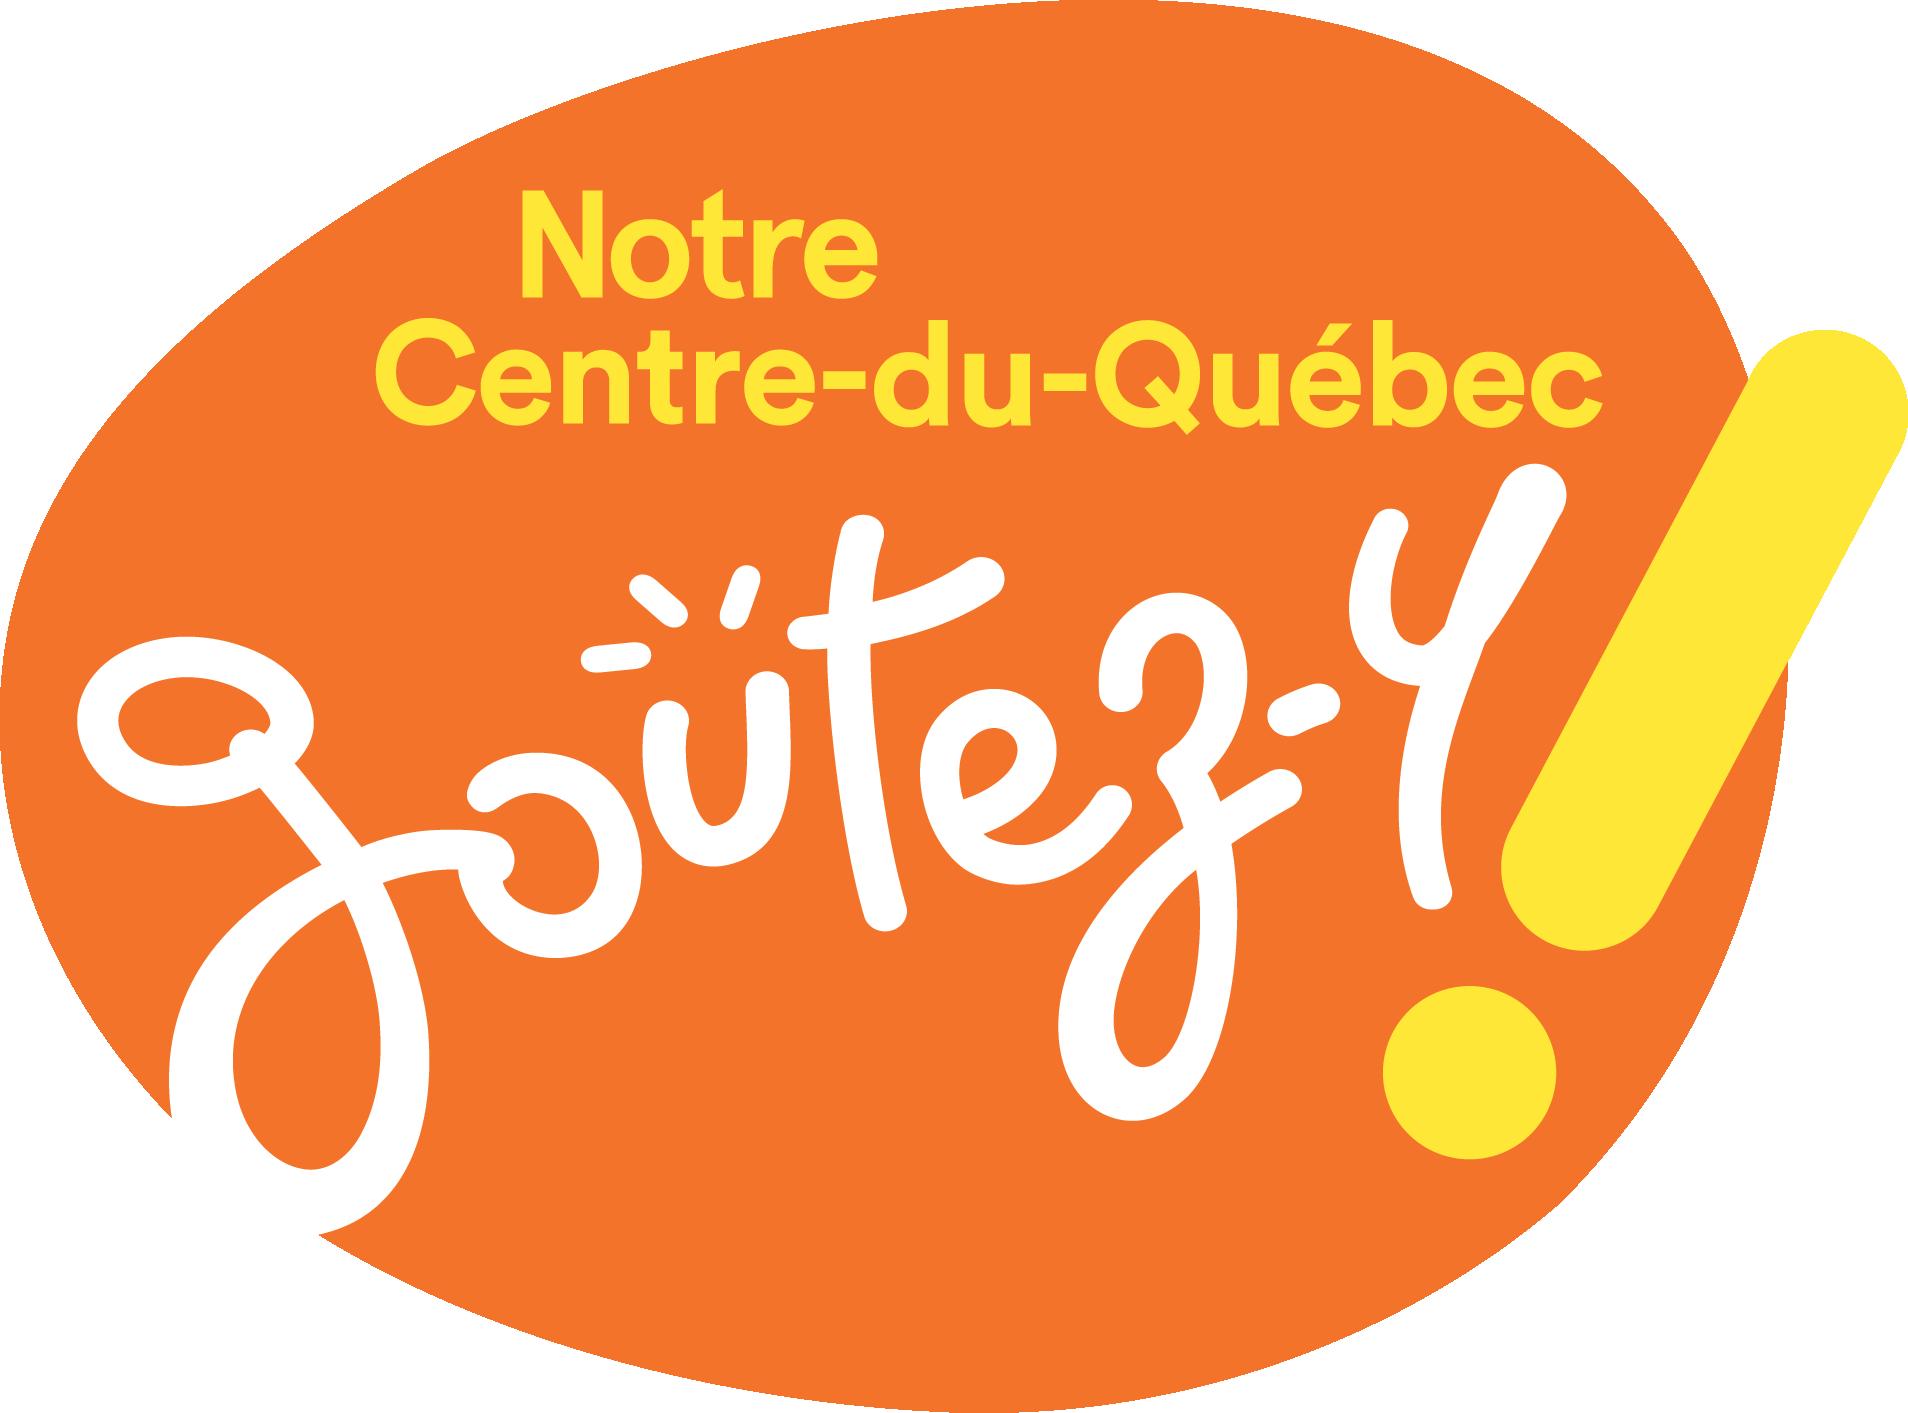 Notre Centre-du-Québec, goûtez-y!